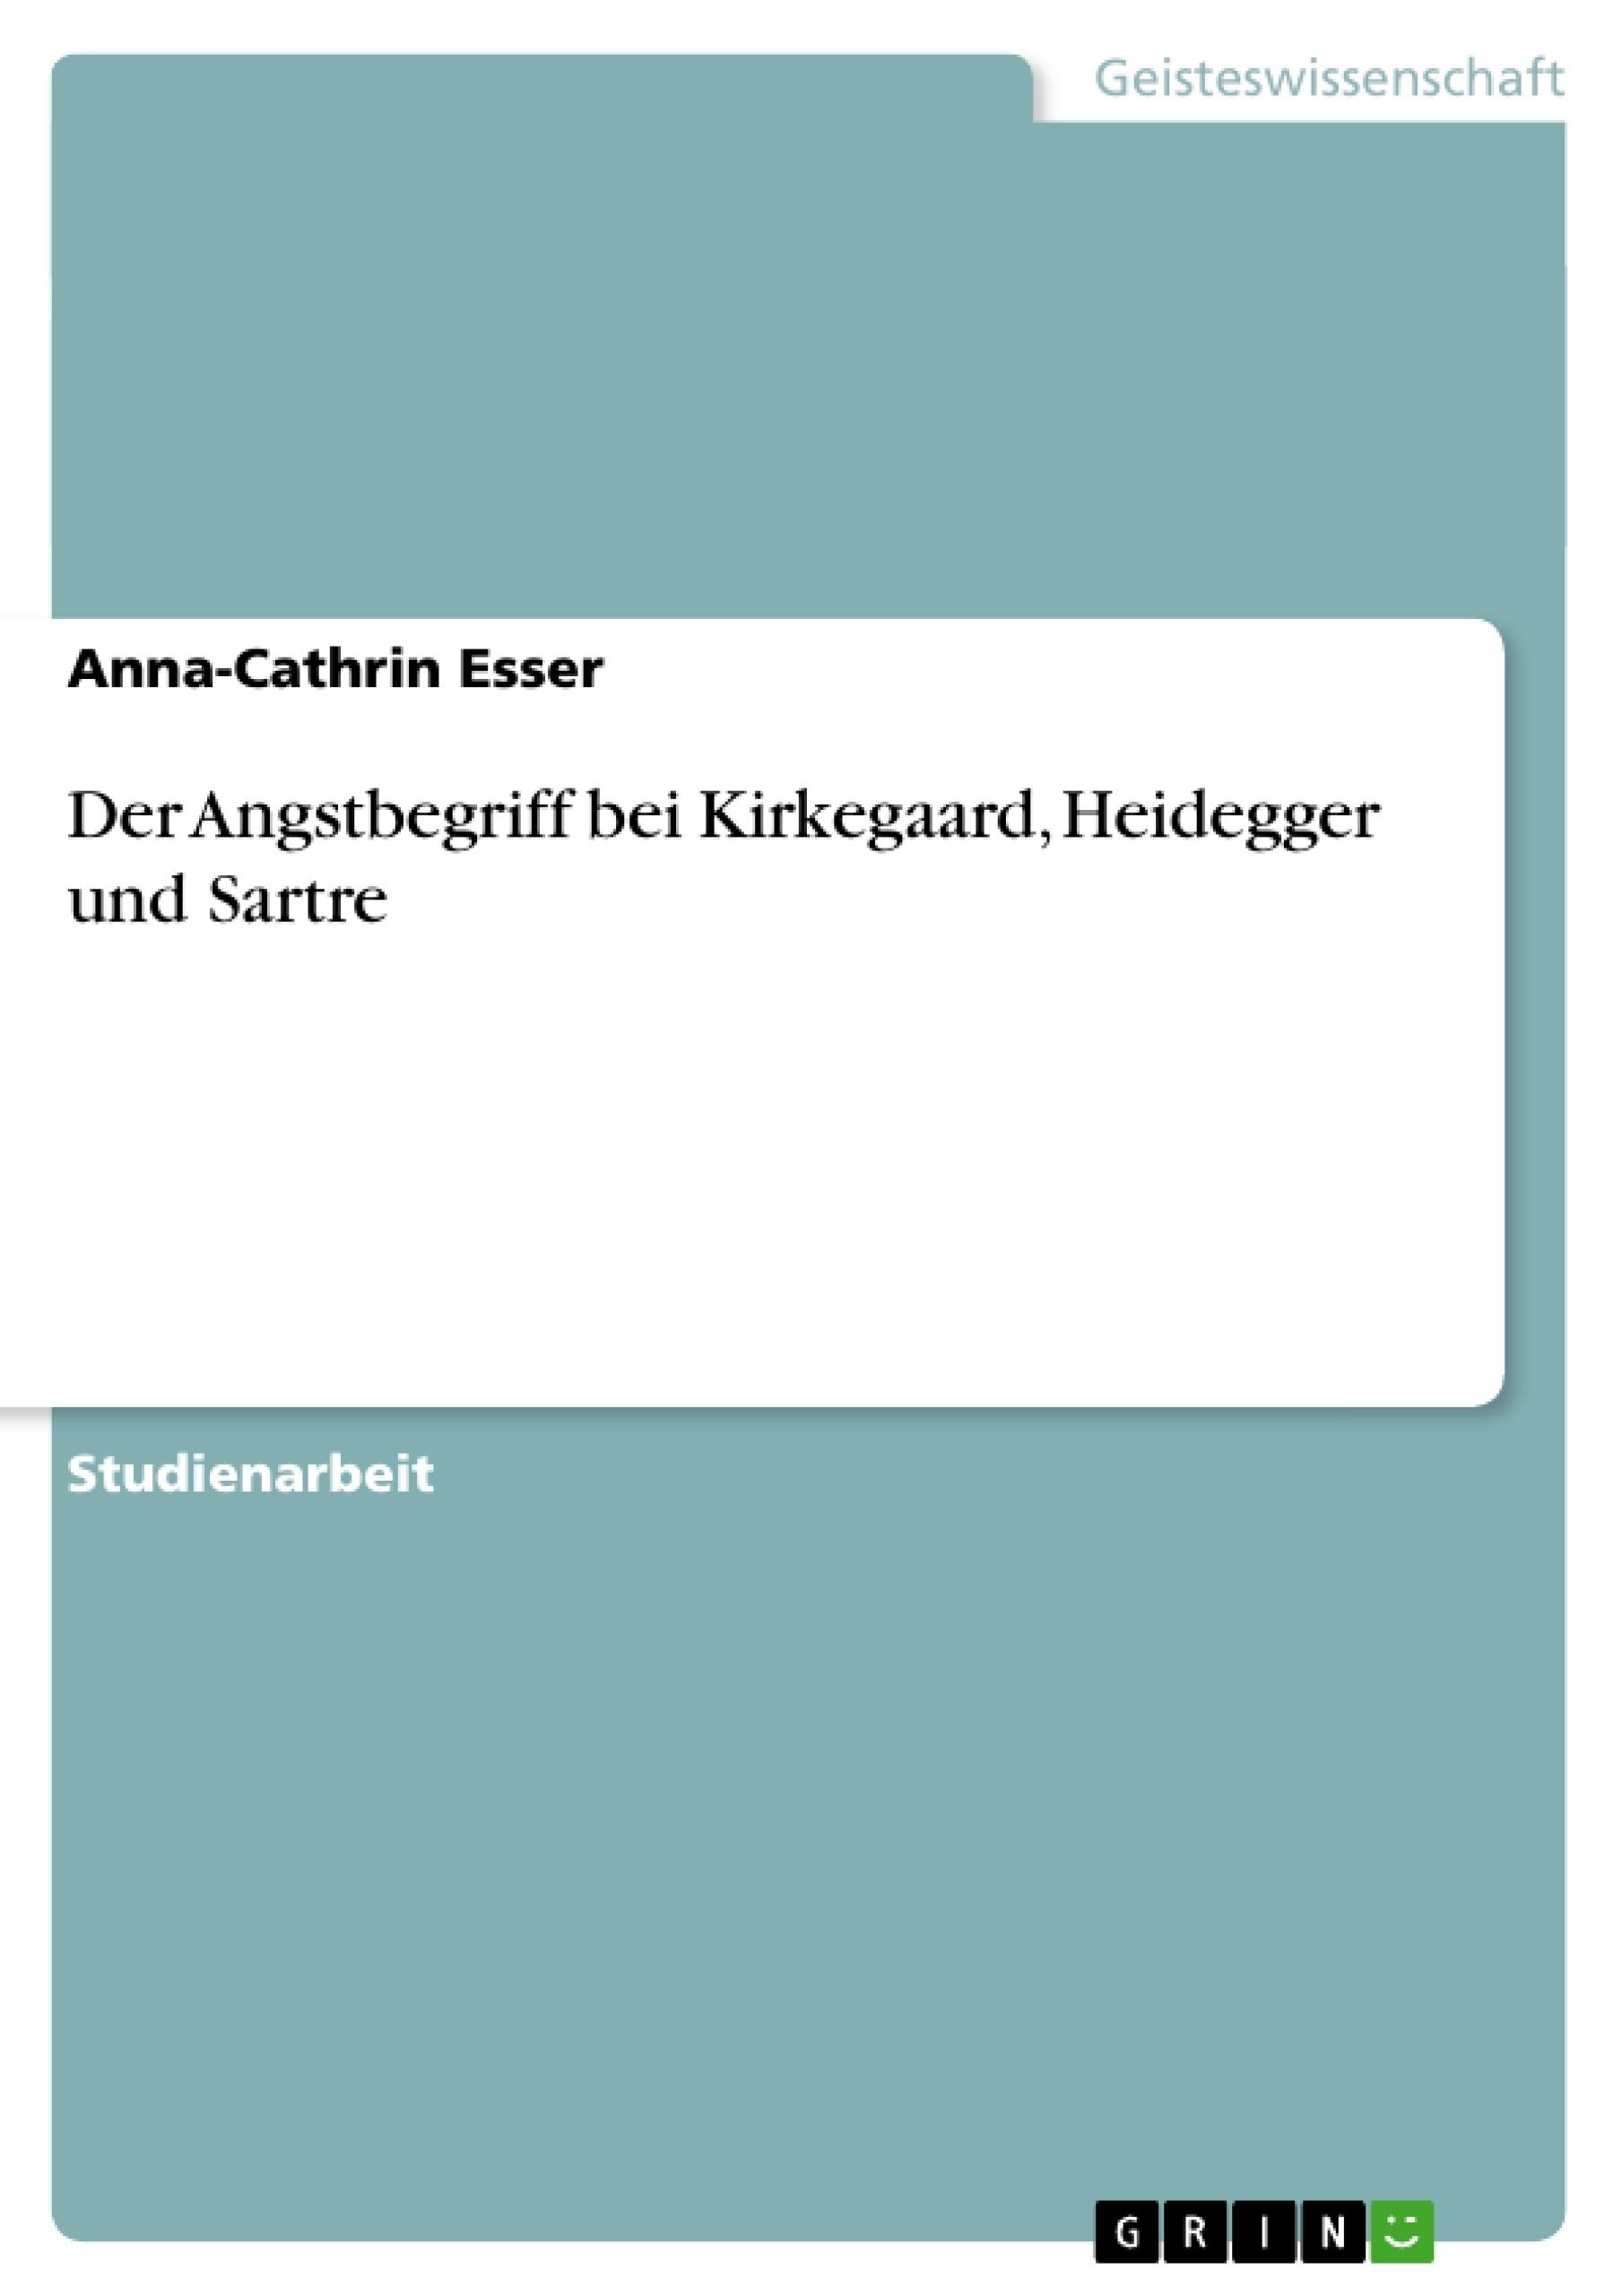 Titel: Der Angstbegriff bei Kirkegaard, Heidegger und Sartre